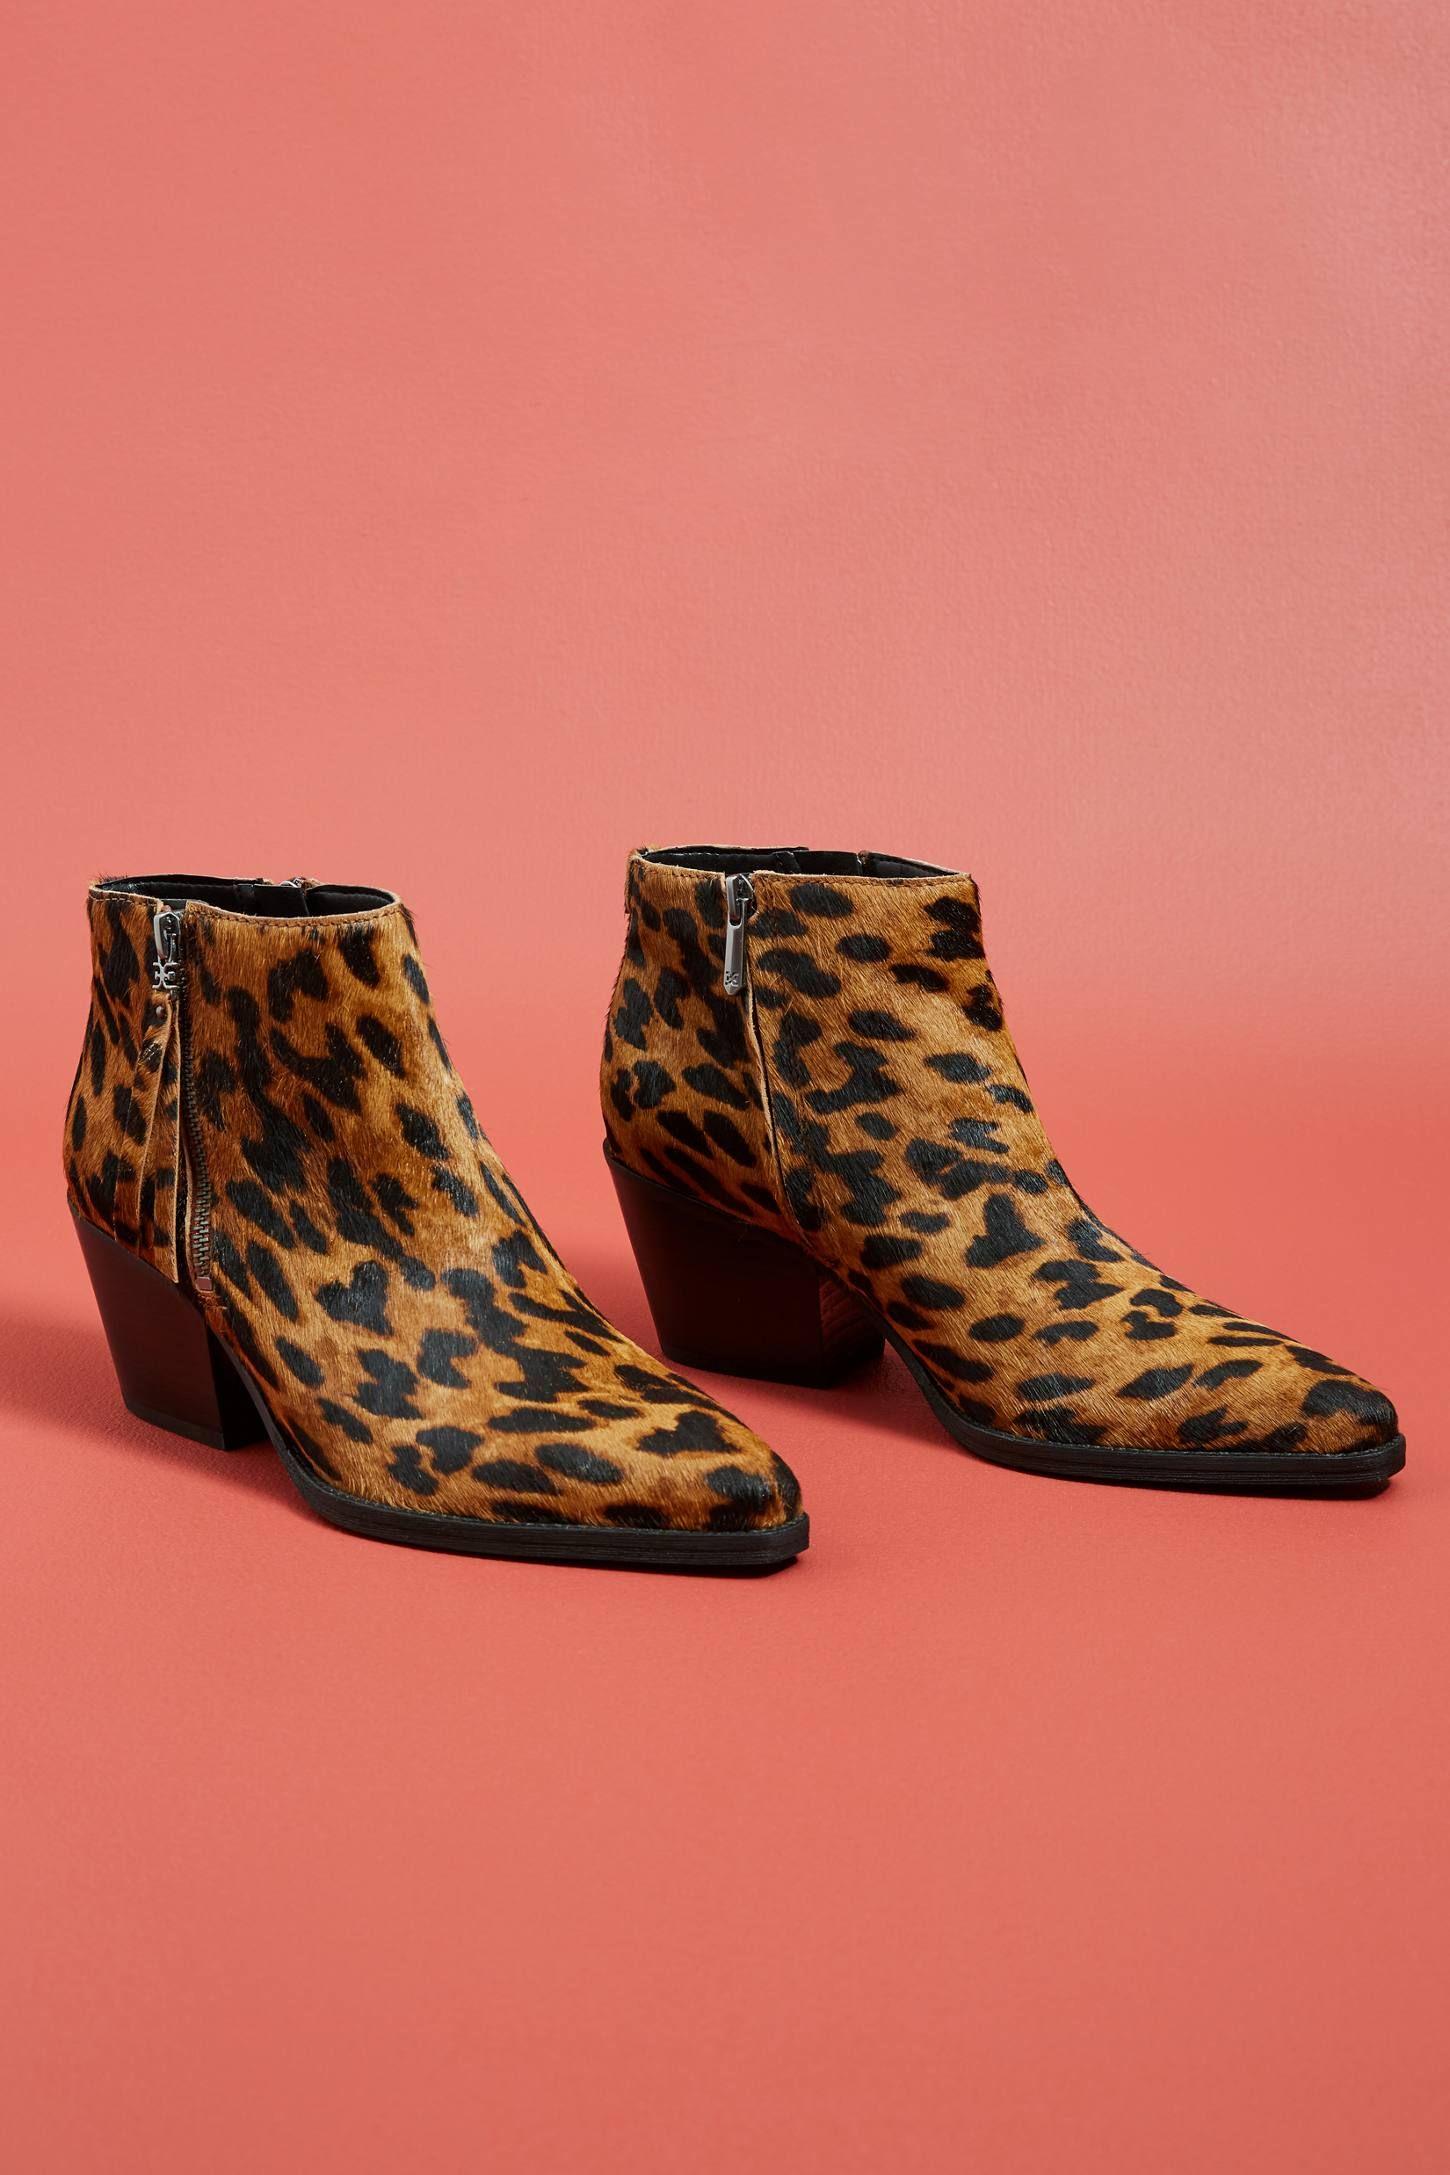 5731b9b0194e Sam Edelman Walden Leopard Booties